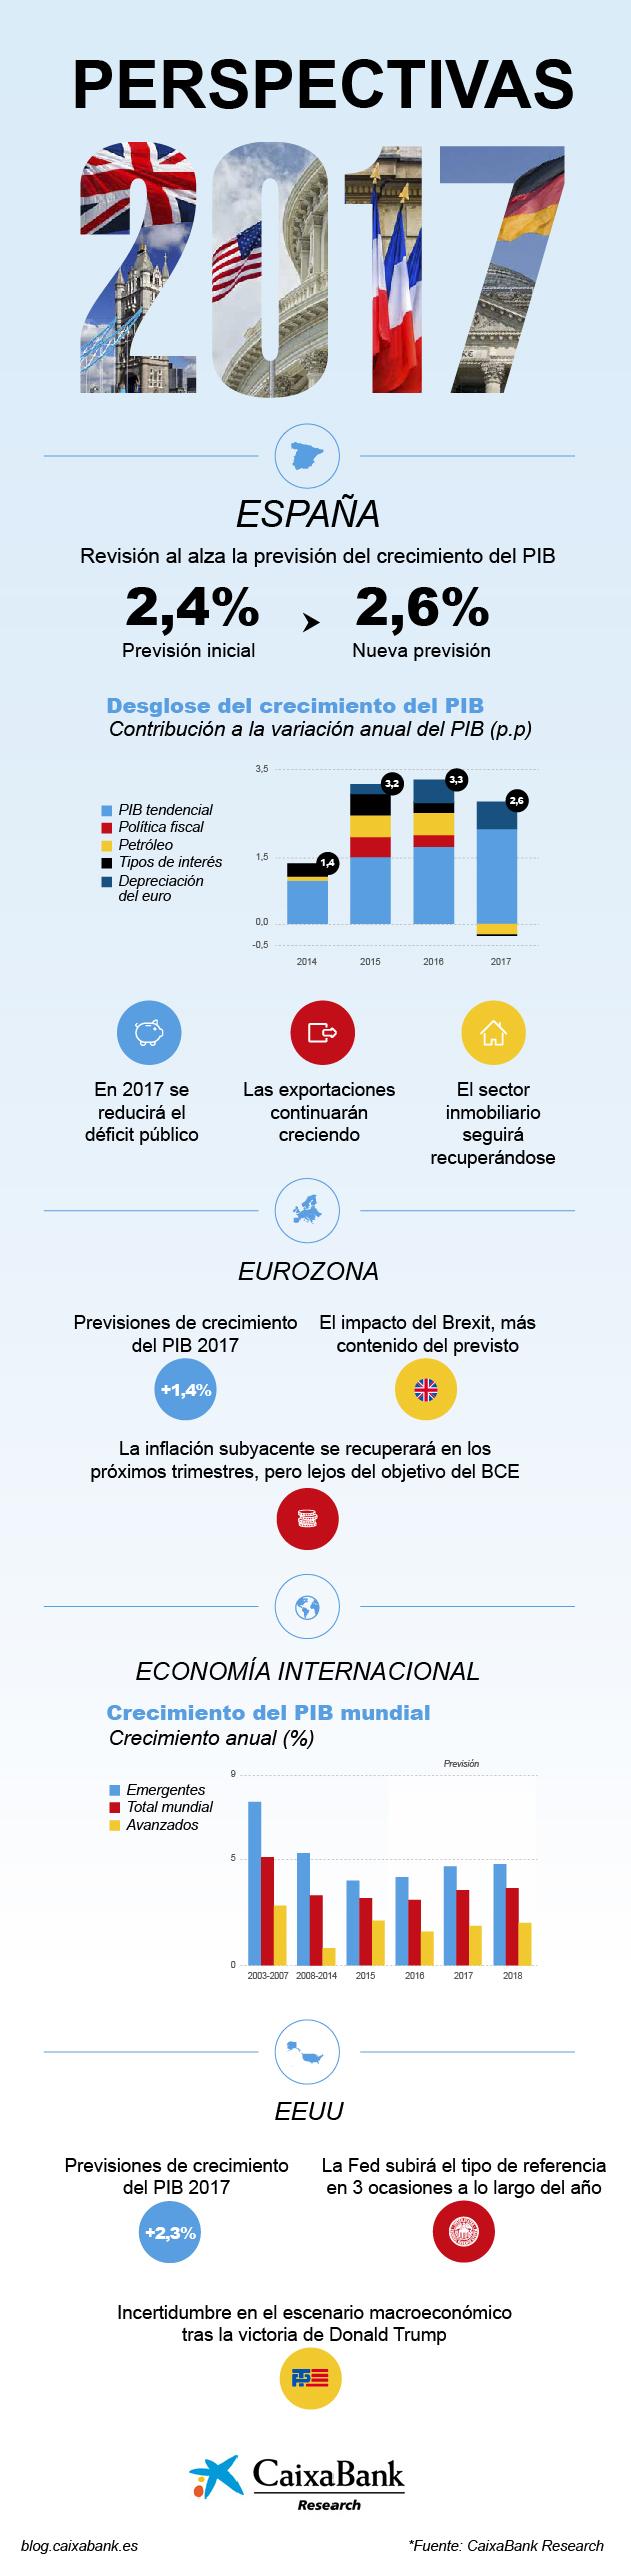 Perspectivas Caixabank 2017